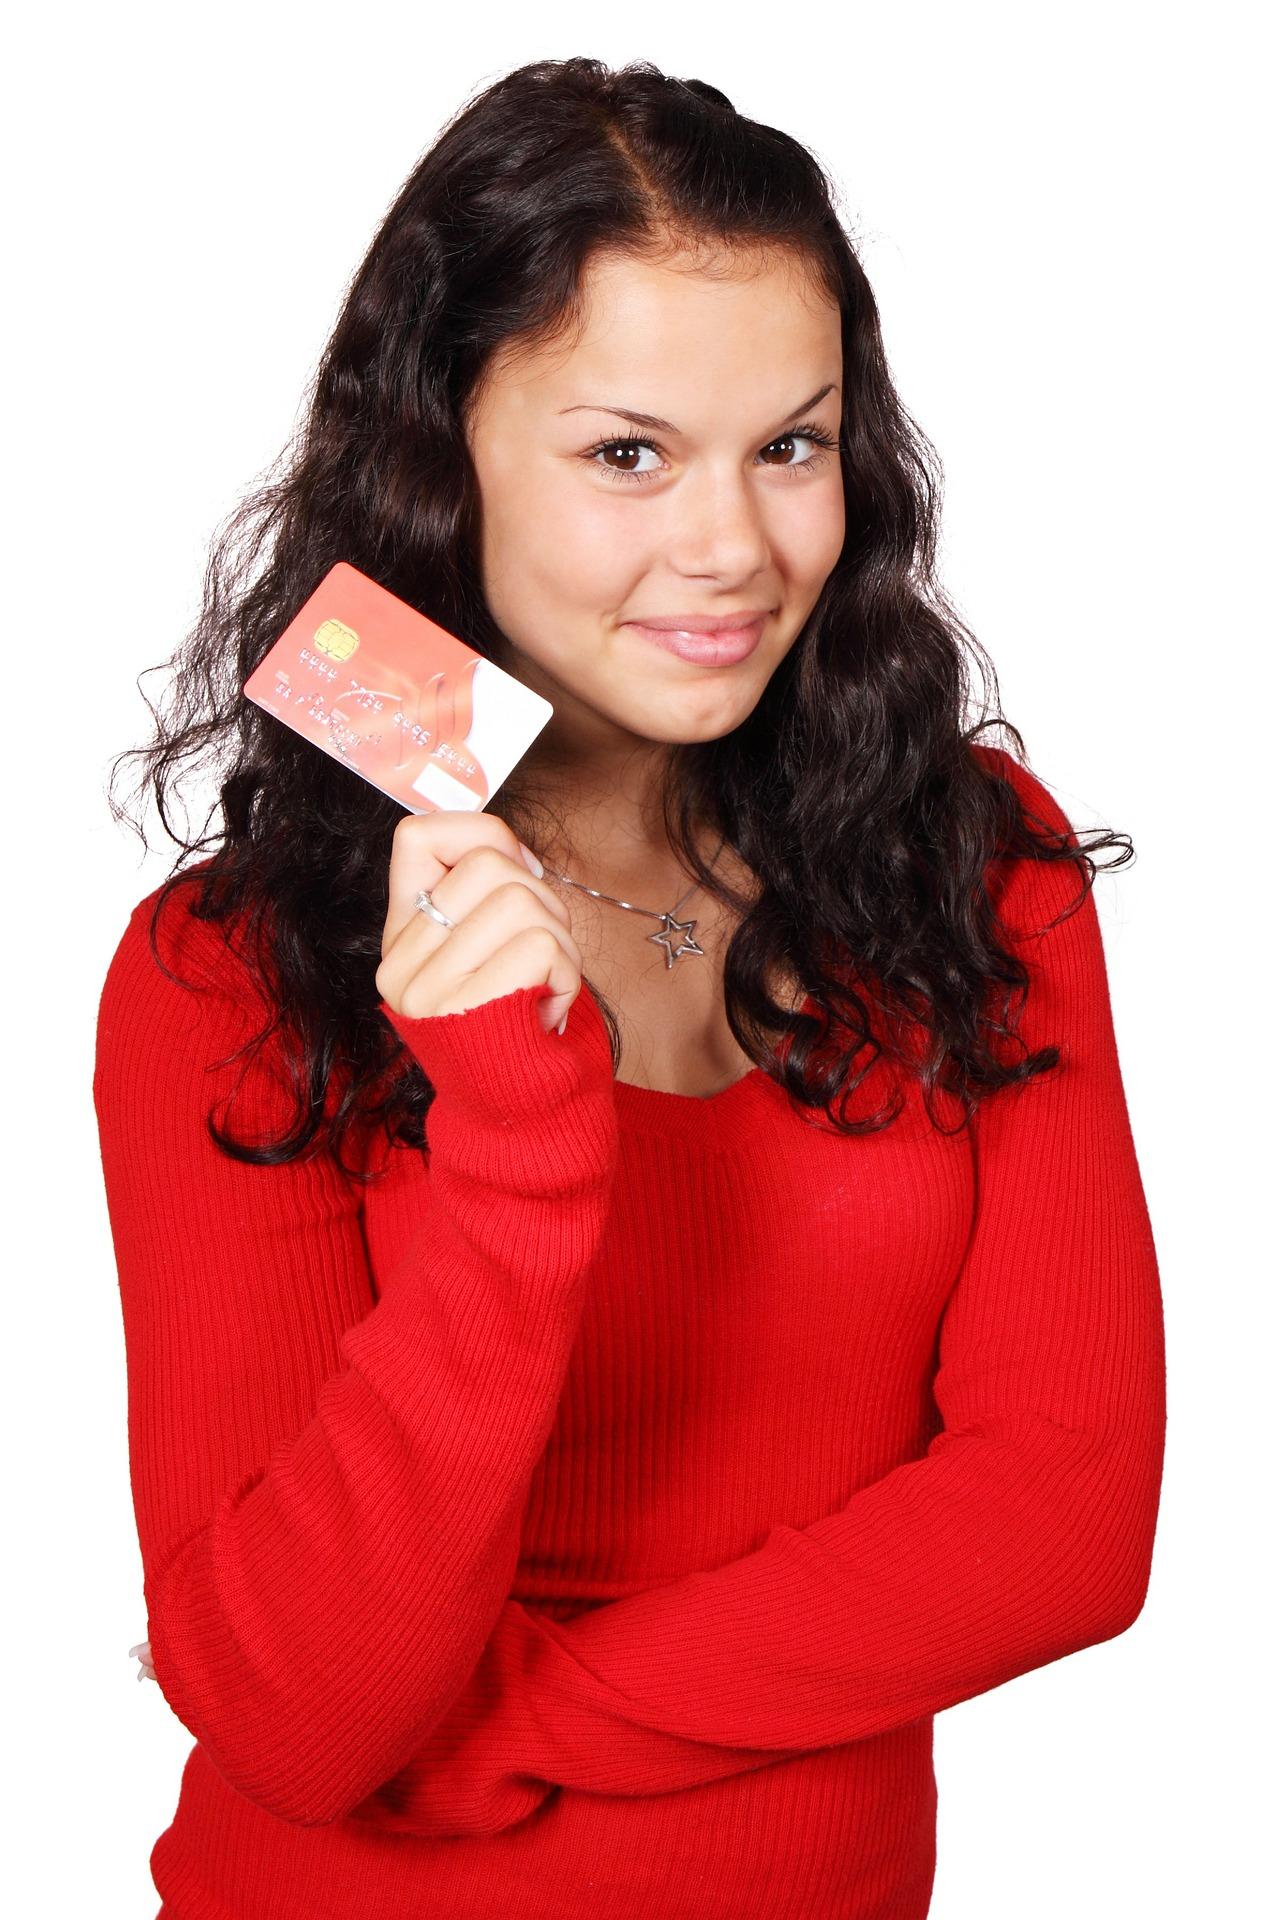 une fille qui tient une carte de crédit